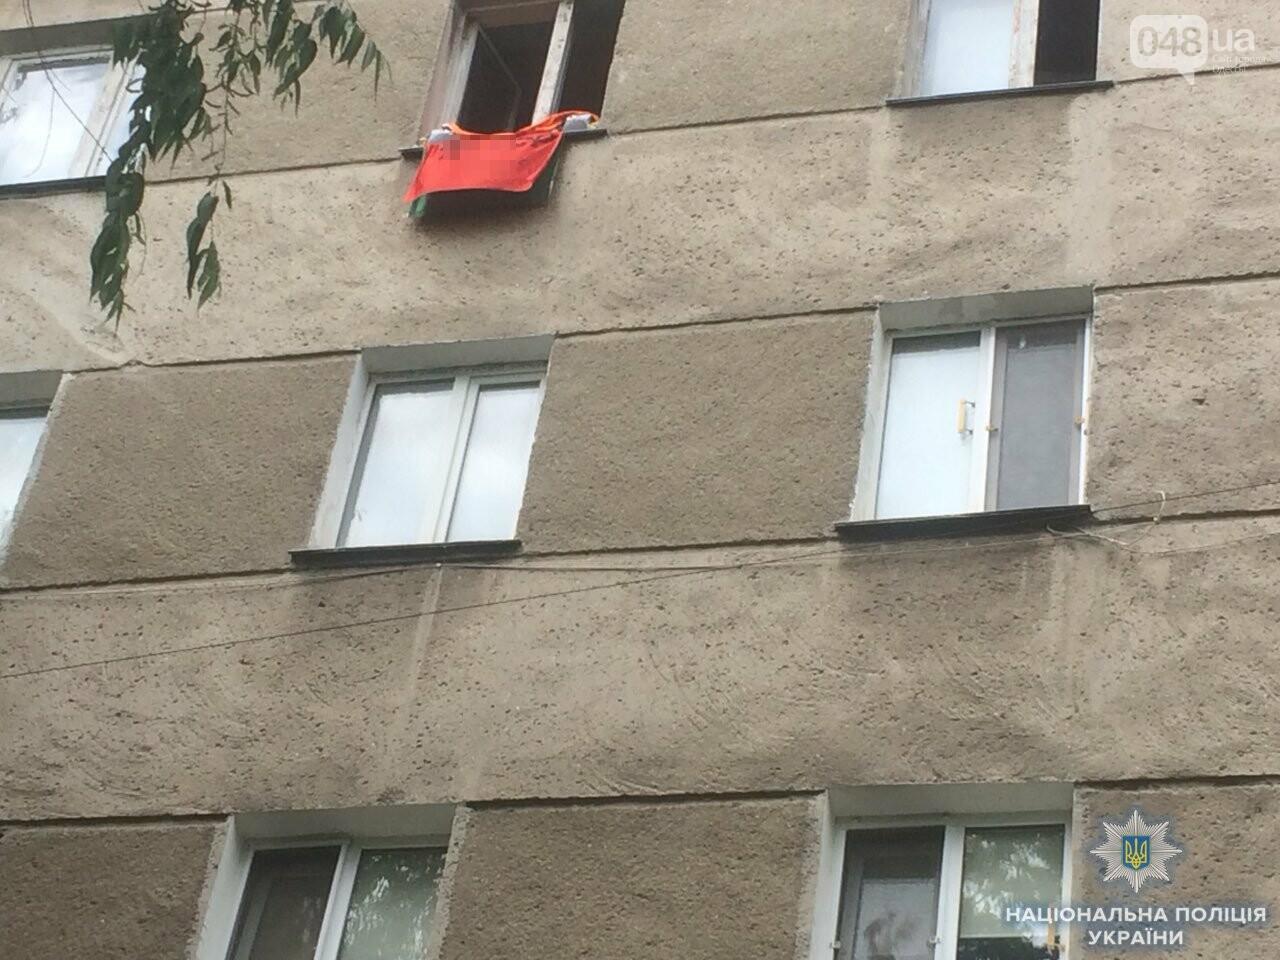 В полиции рассказали, кто поднимал красные флаги в Одессе 9 мая, - ФОТО, фото-1